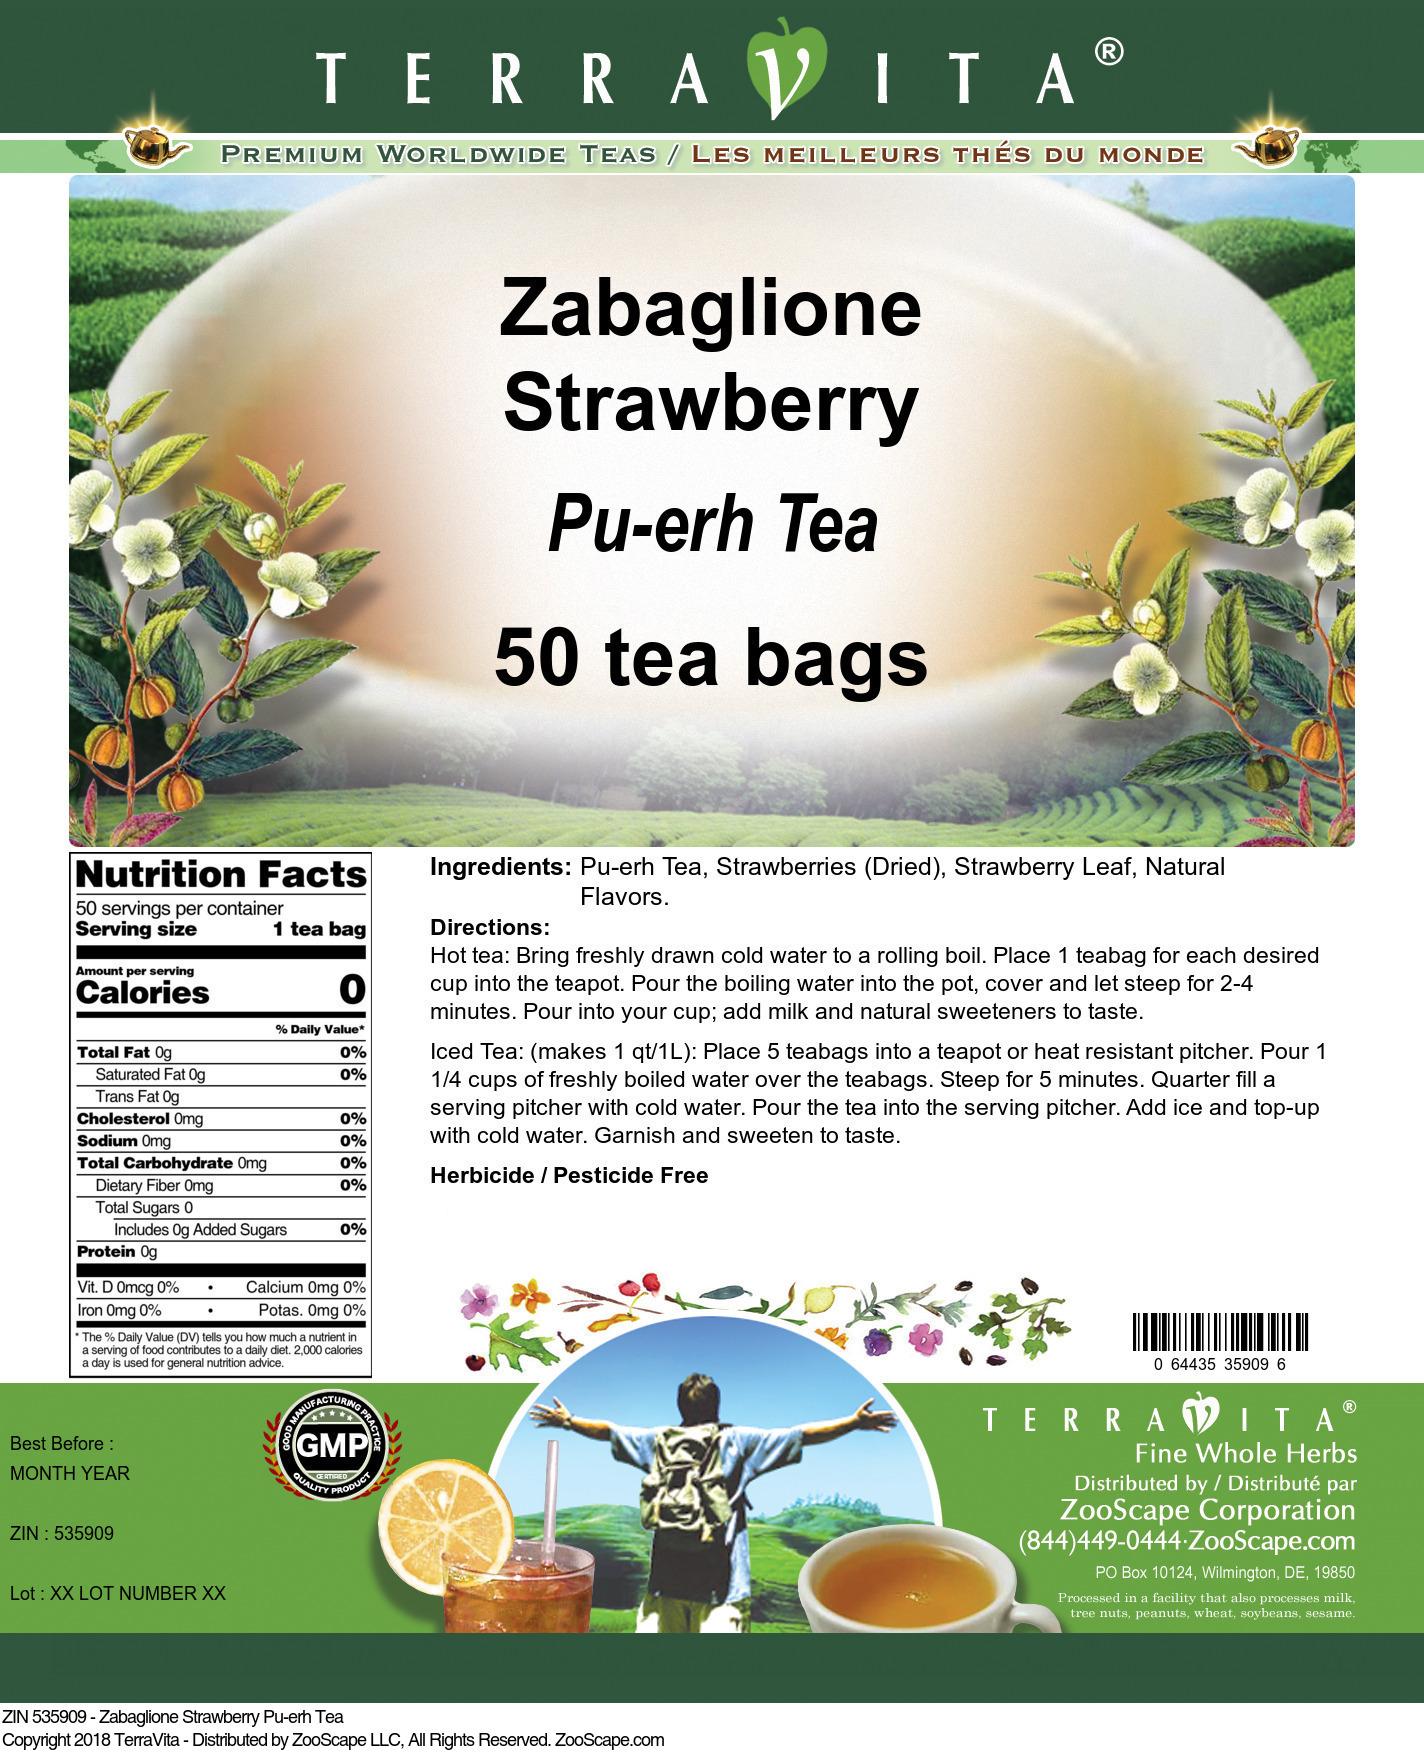 Zabaglione Strawberry Pu-erh Tea